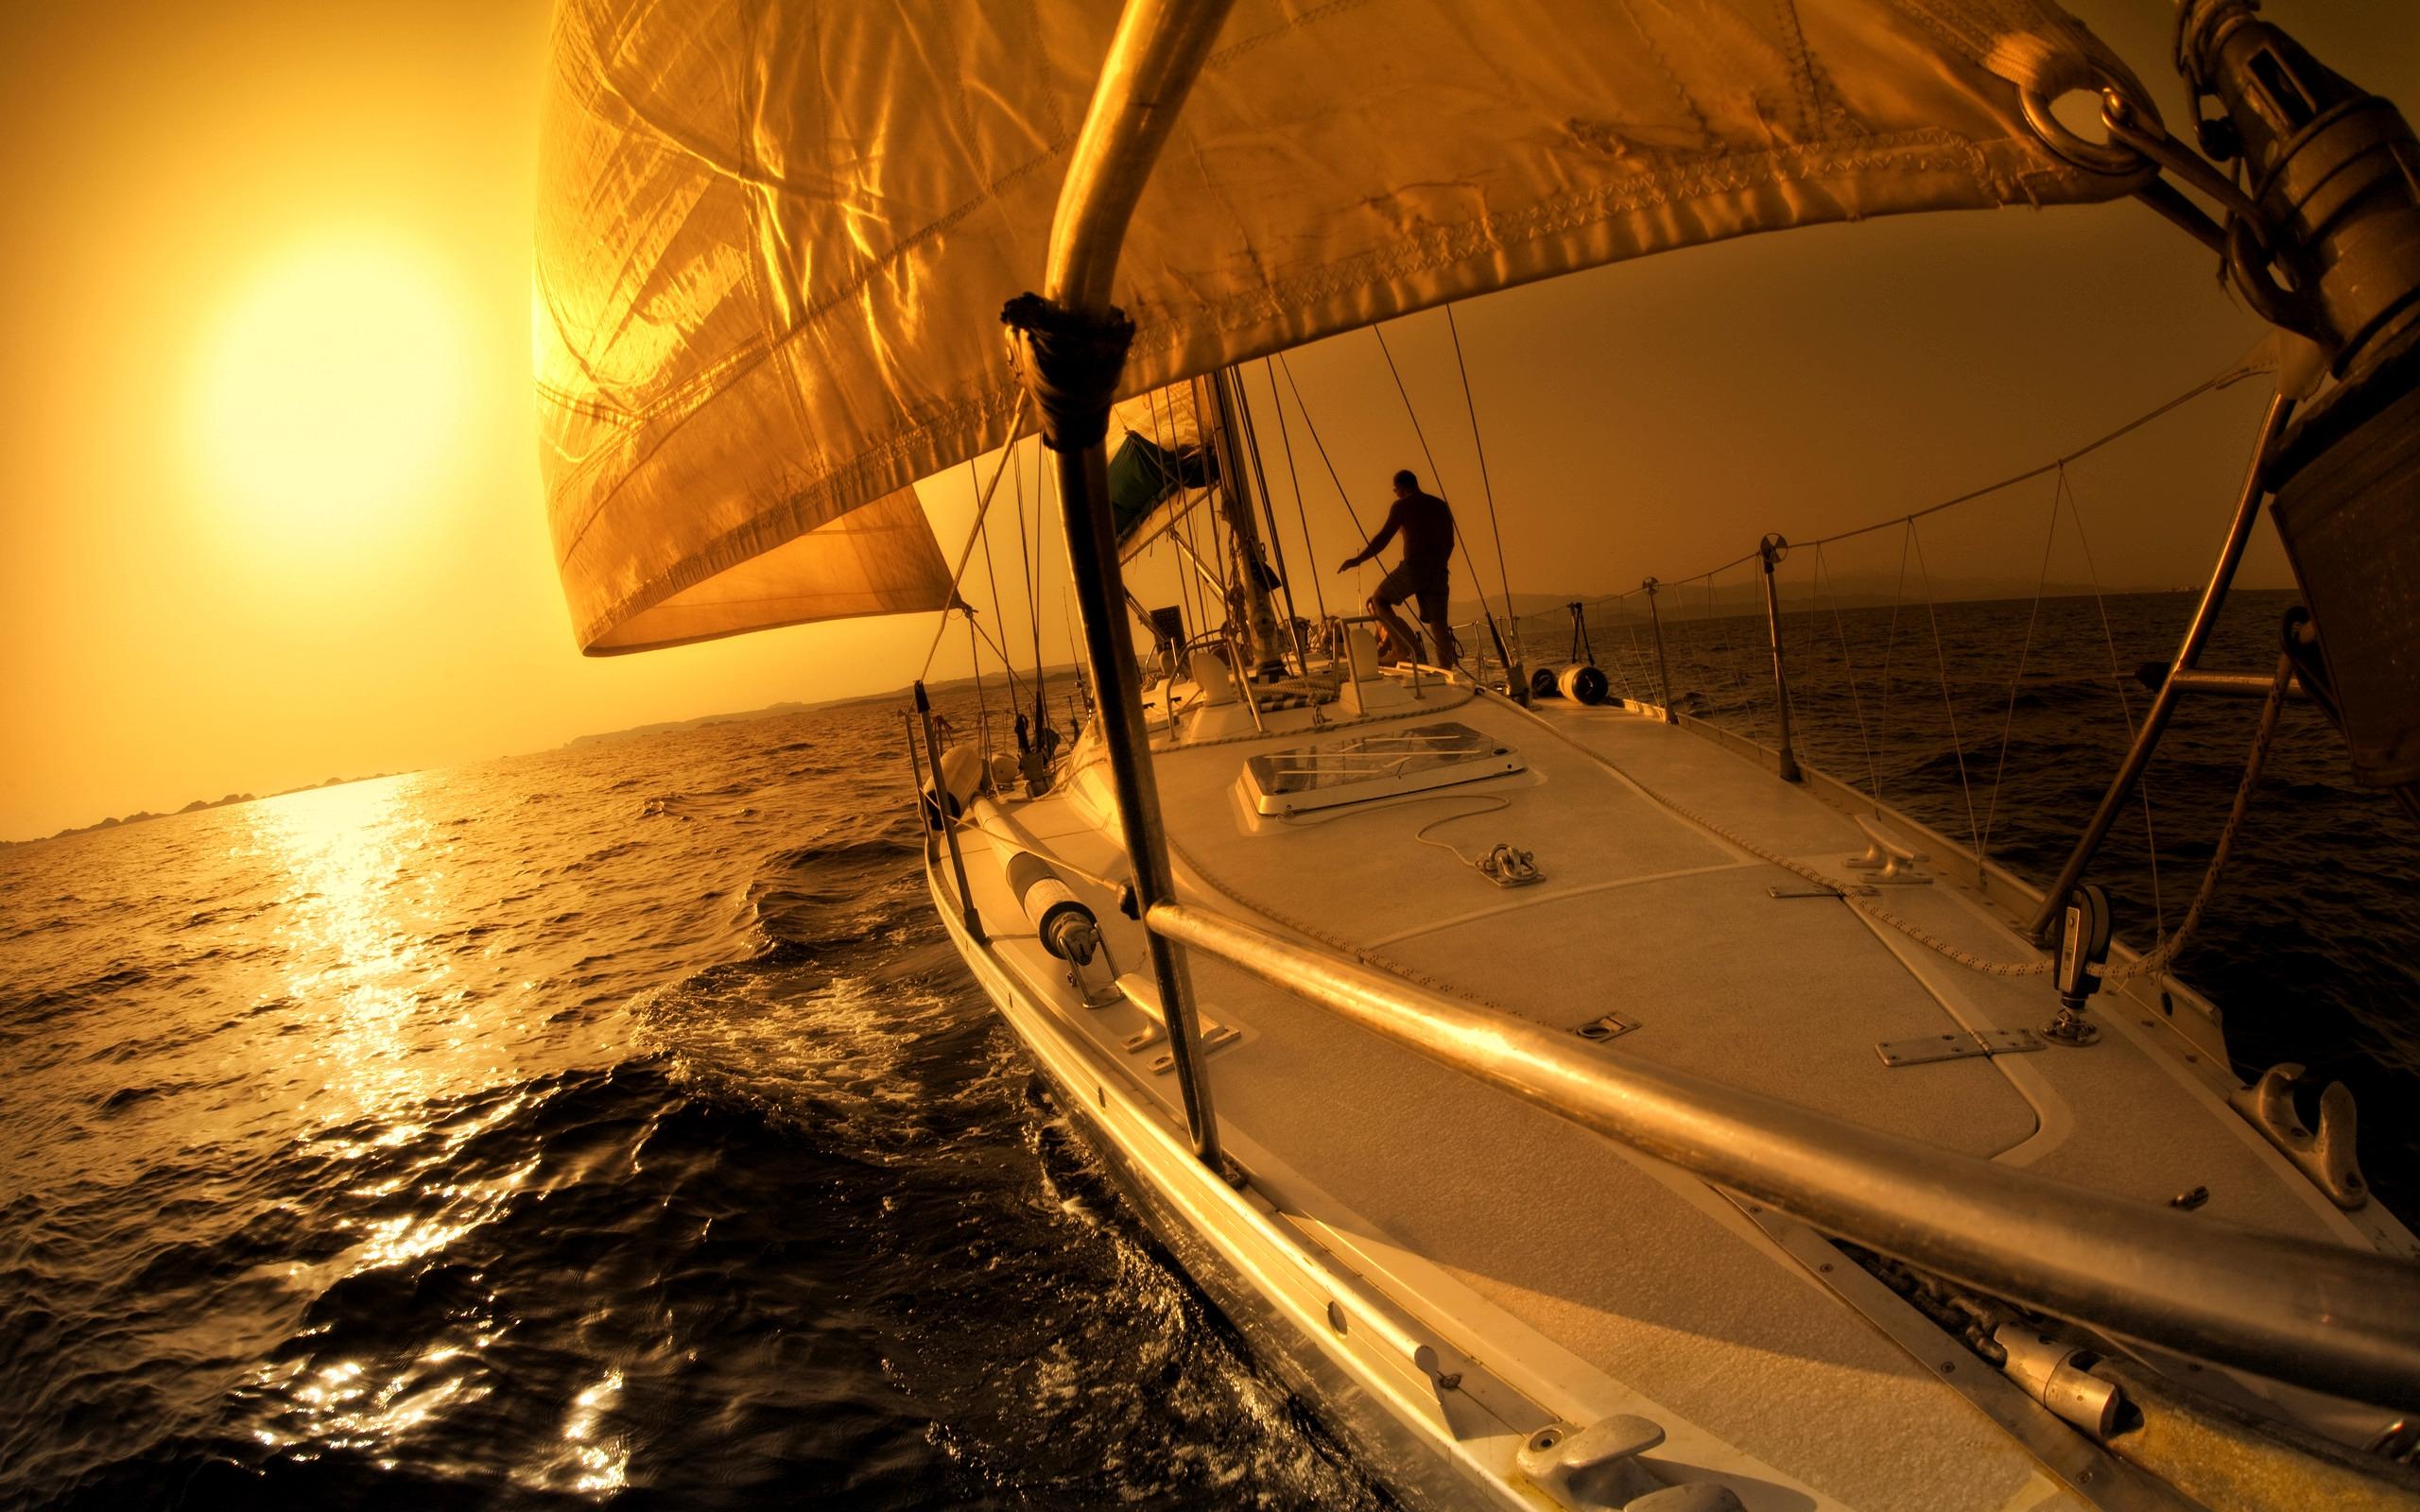 Закат и яхта с парусами, фото обои на рабочий стол, красиво, солнце